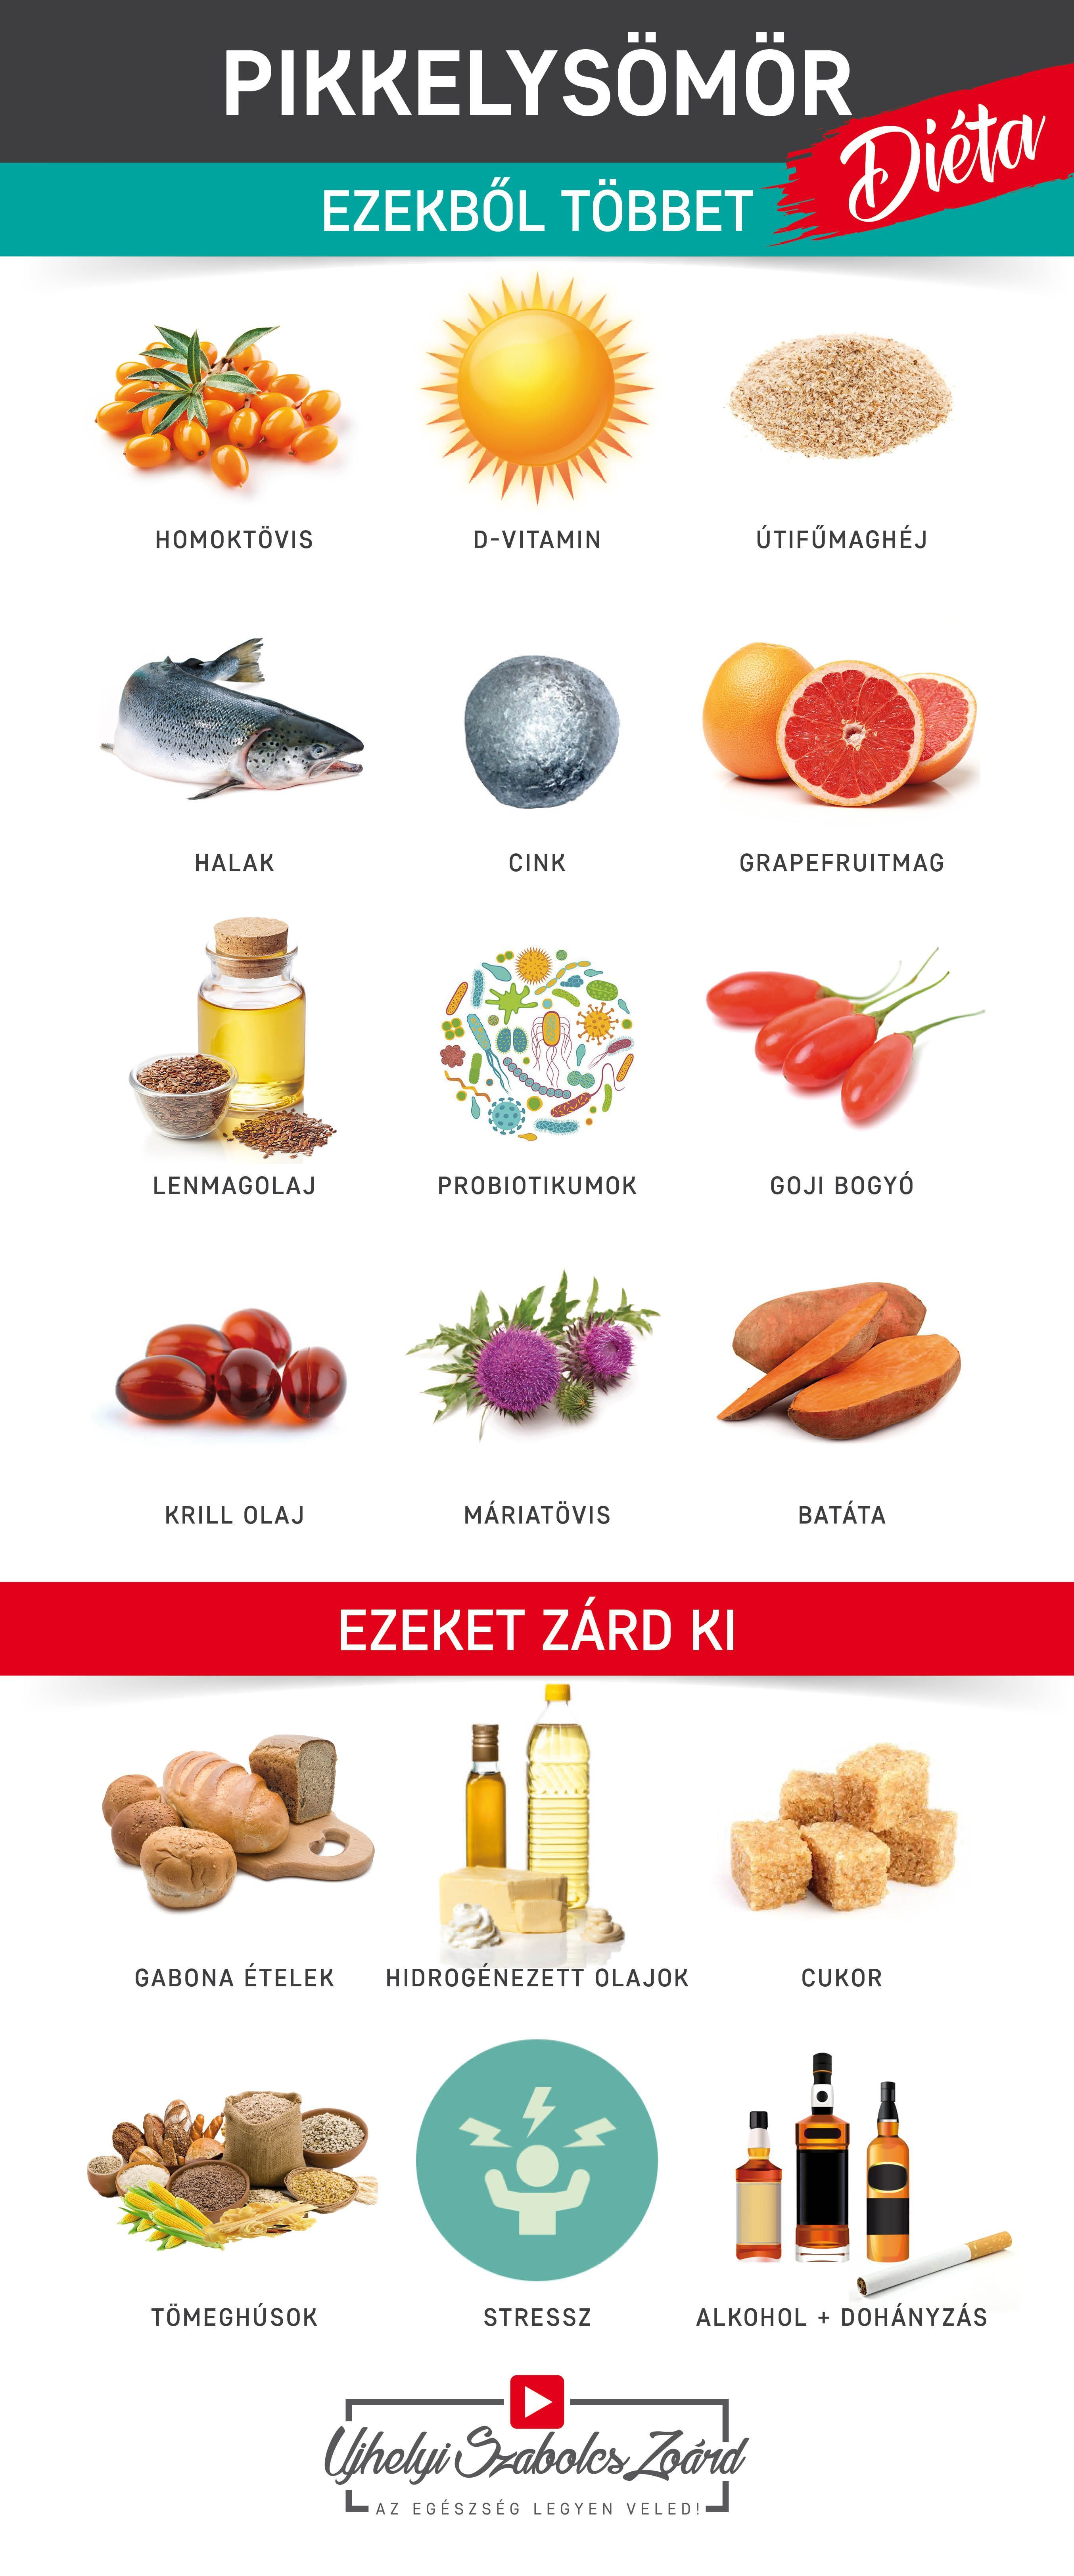 diéta kezelése pikkelysömörhöz